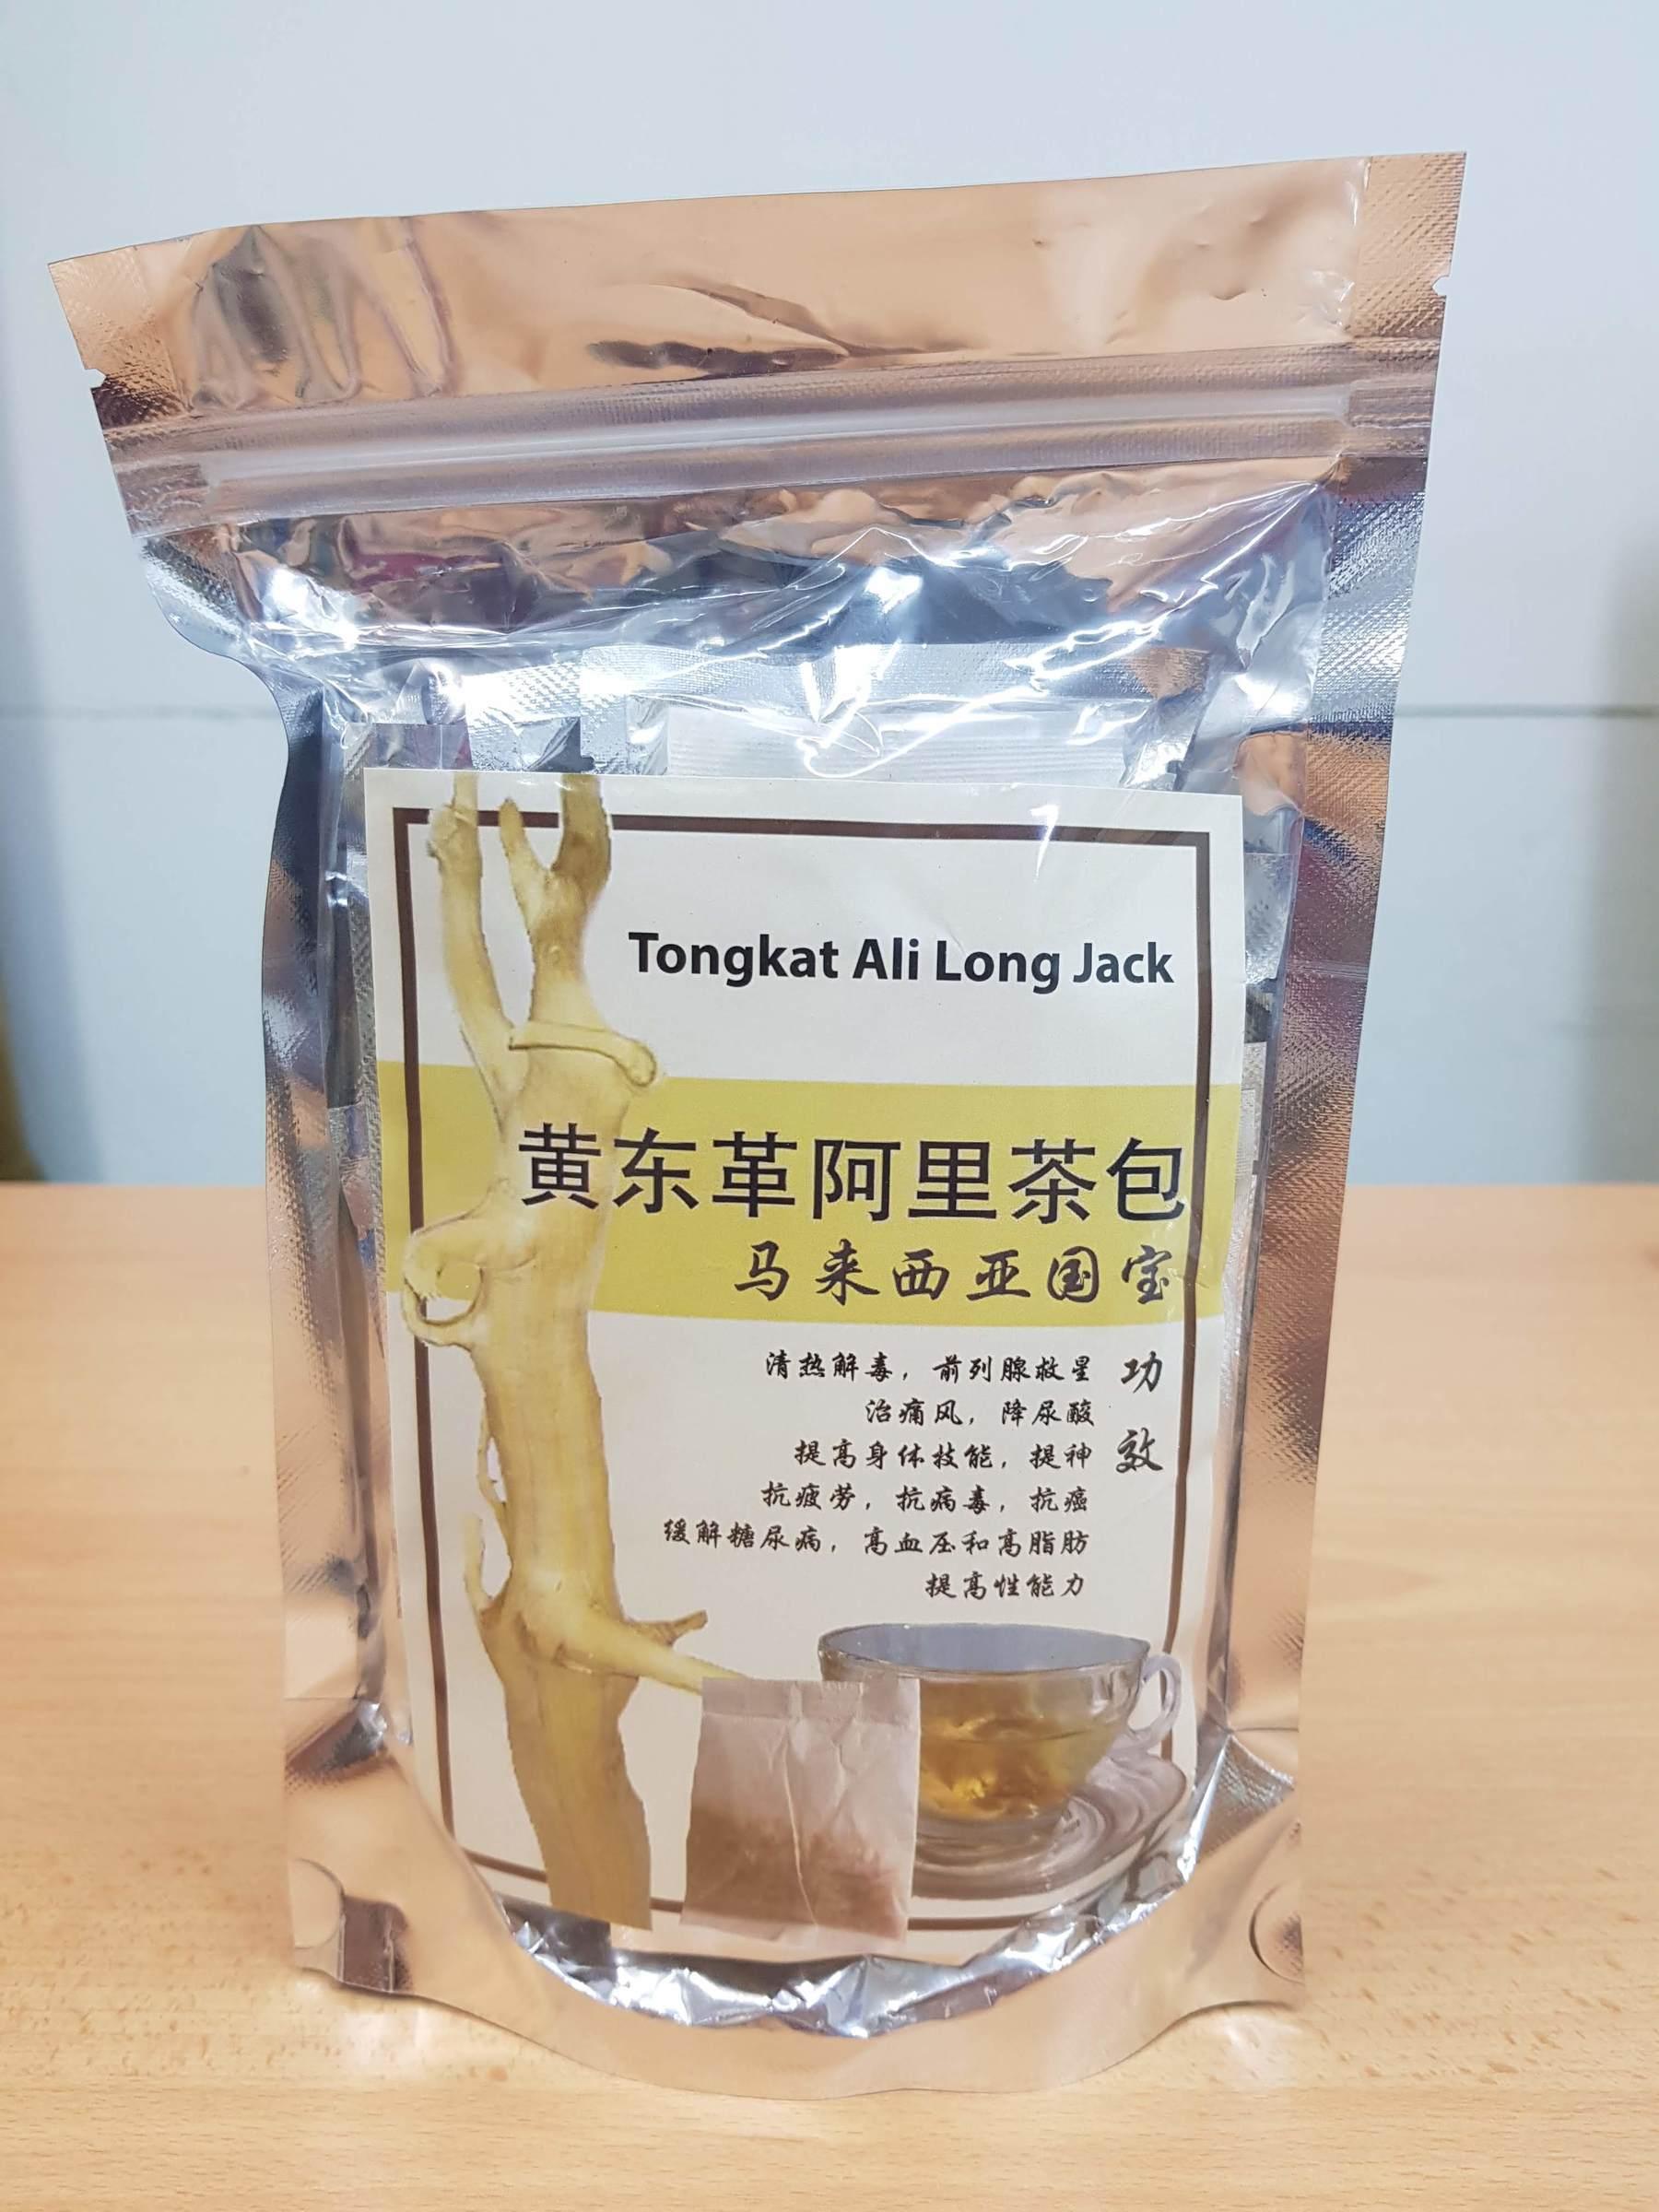 黄东革阿里茶包 马来西亚 Yellow Tongkat Ali Tea Bag Malaysia (2).jpg